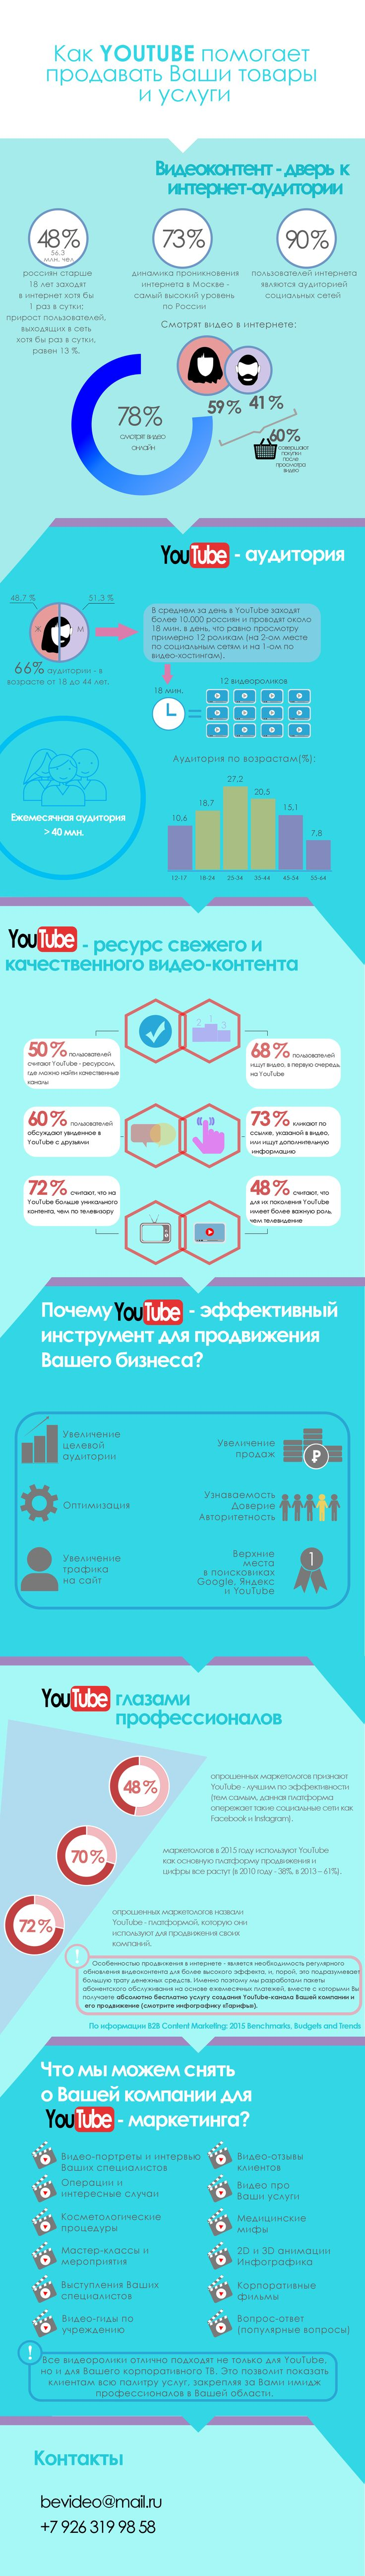 Инфографика по Youtube.